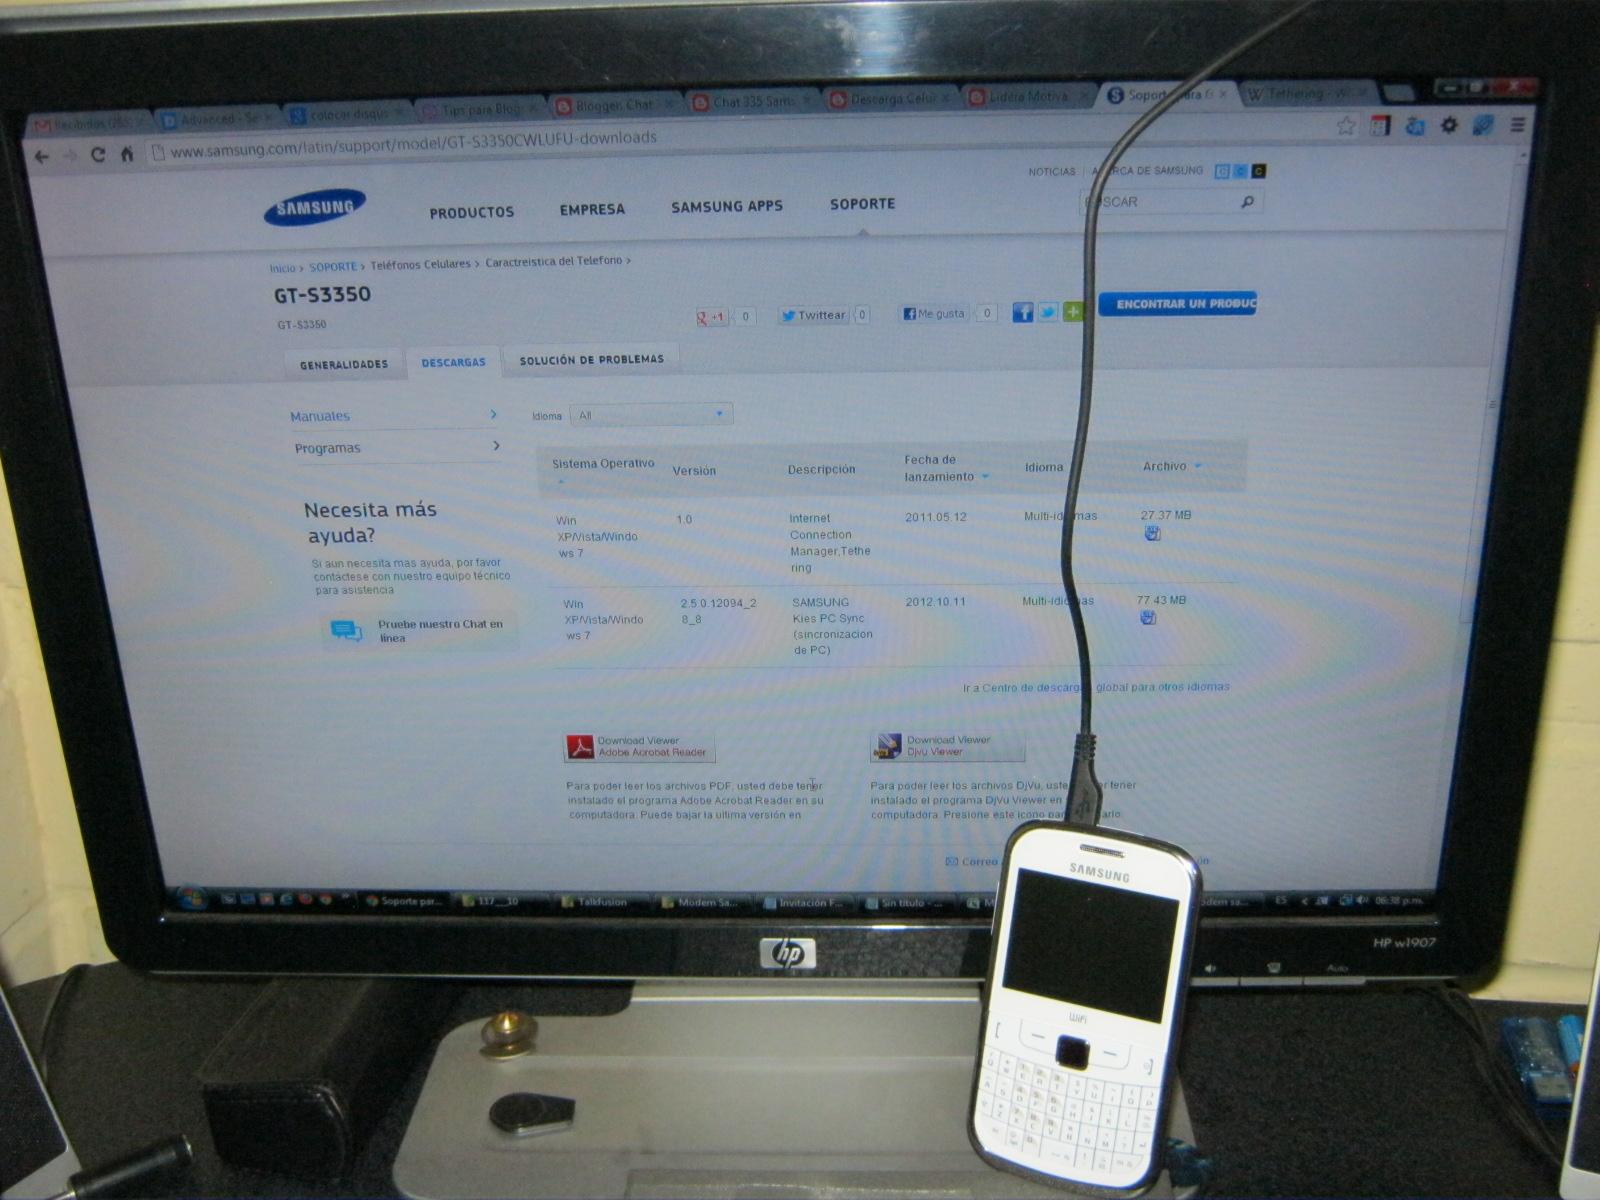 Samsung S3350 Características e especificações - imagens para celular samsung gt-s3350